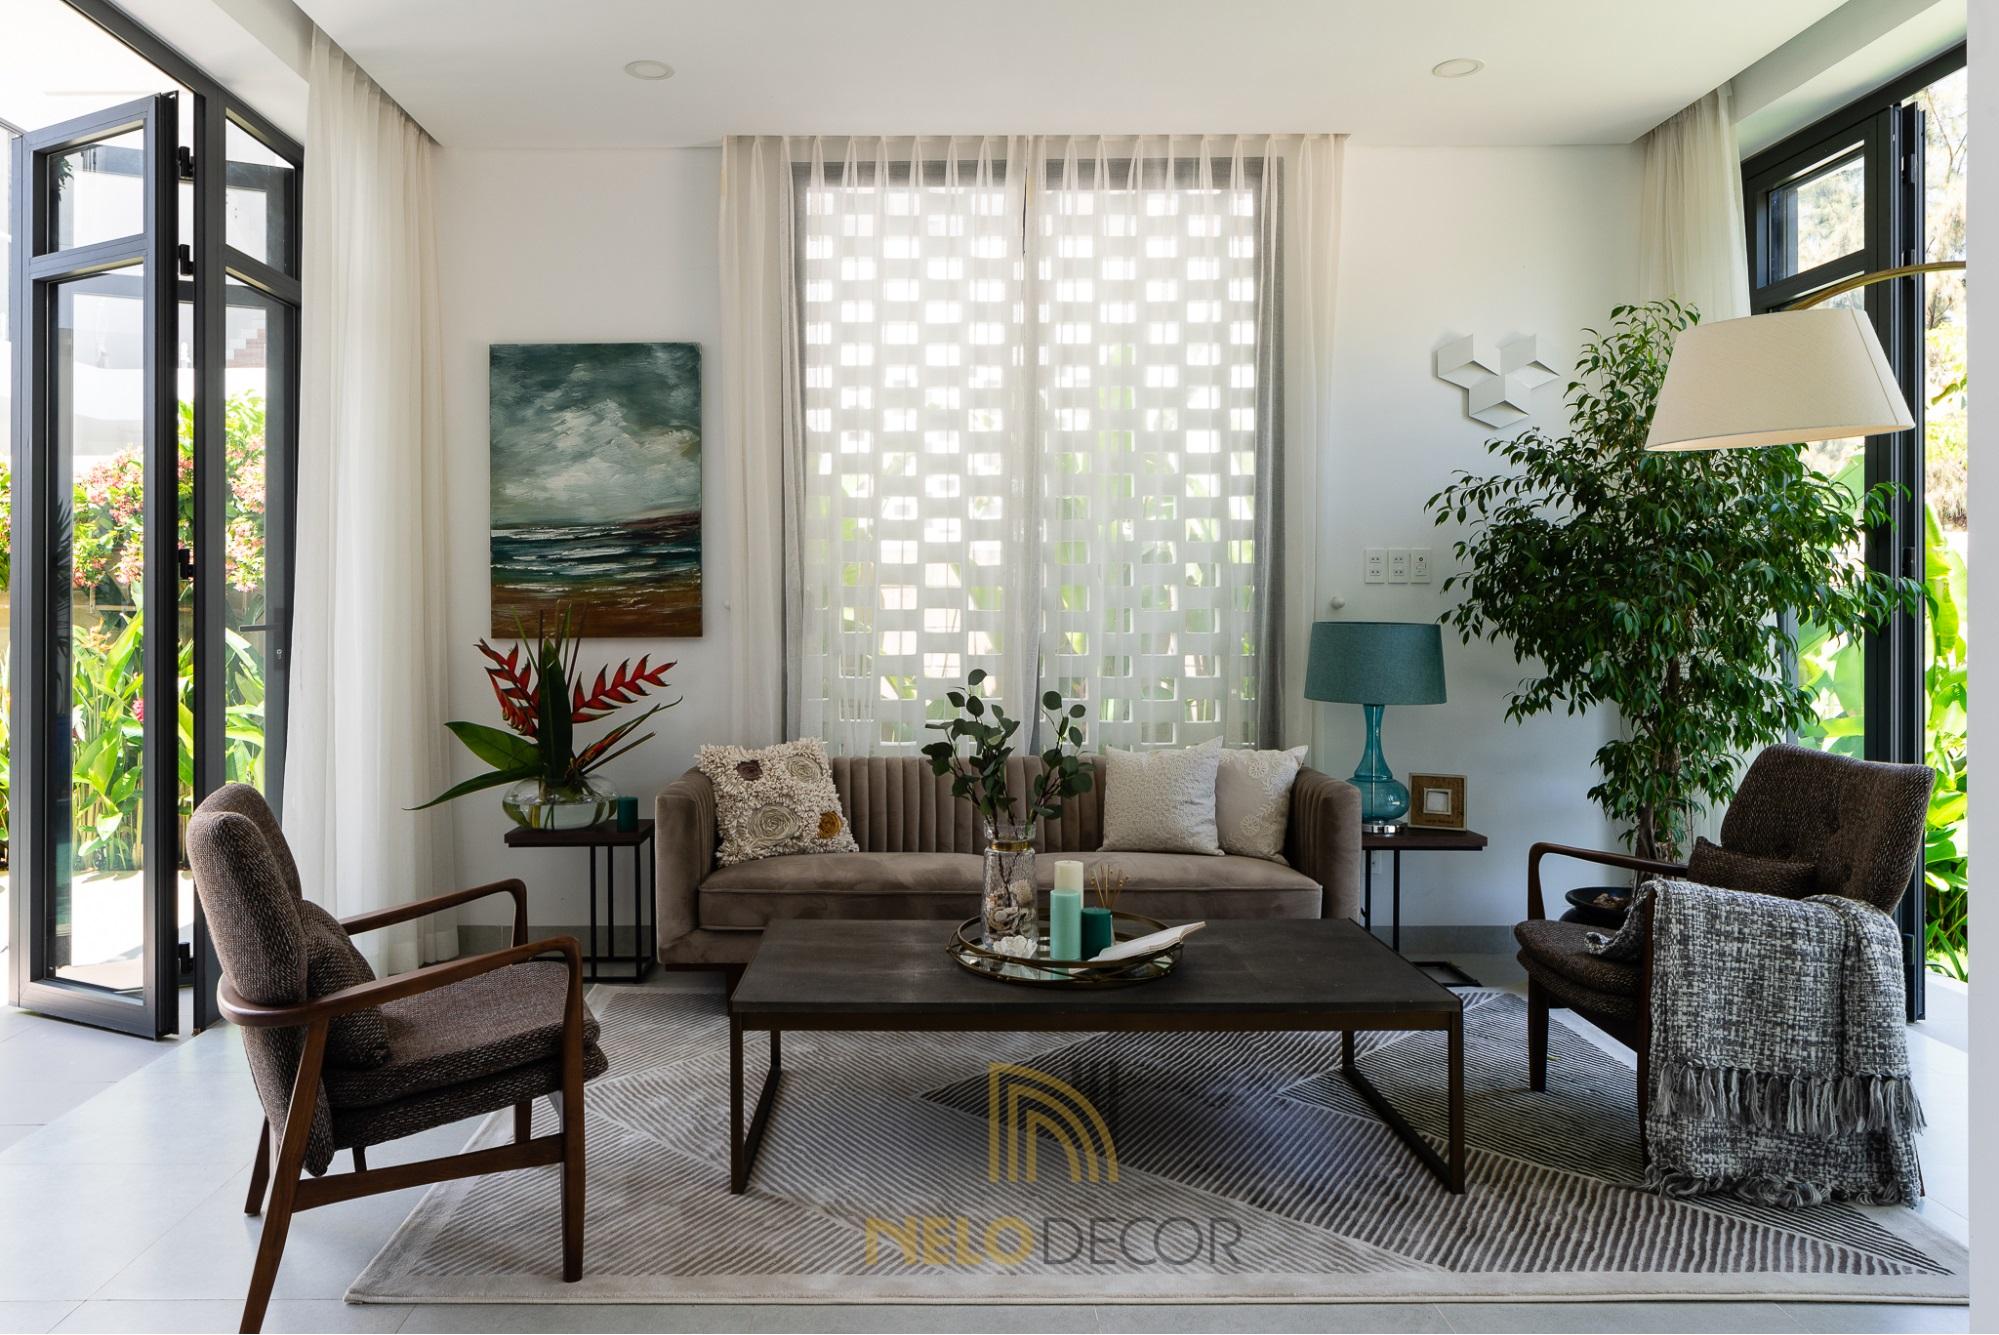 công ty thiết kế nội thất tại tphcm - HouseDesign